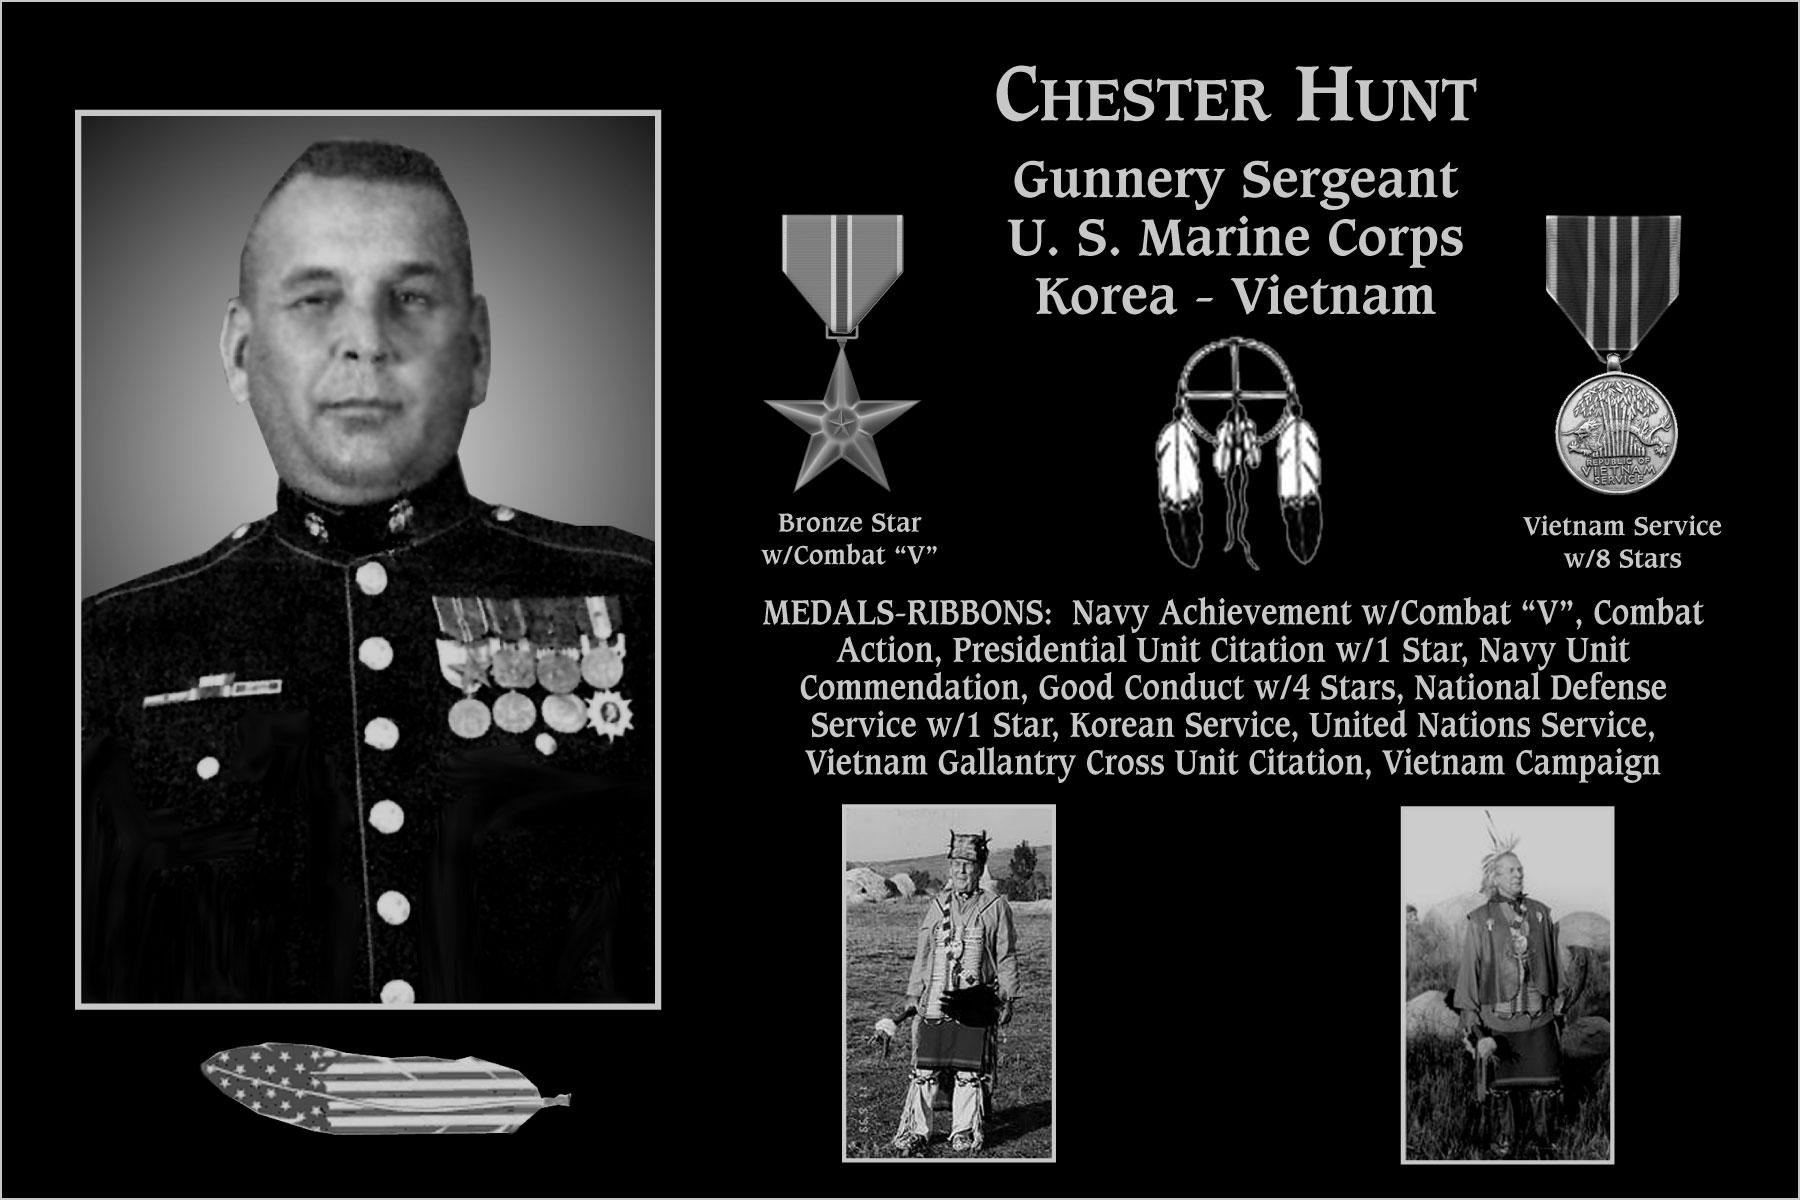 Chester hunt